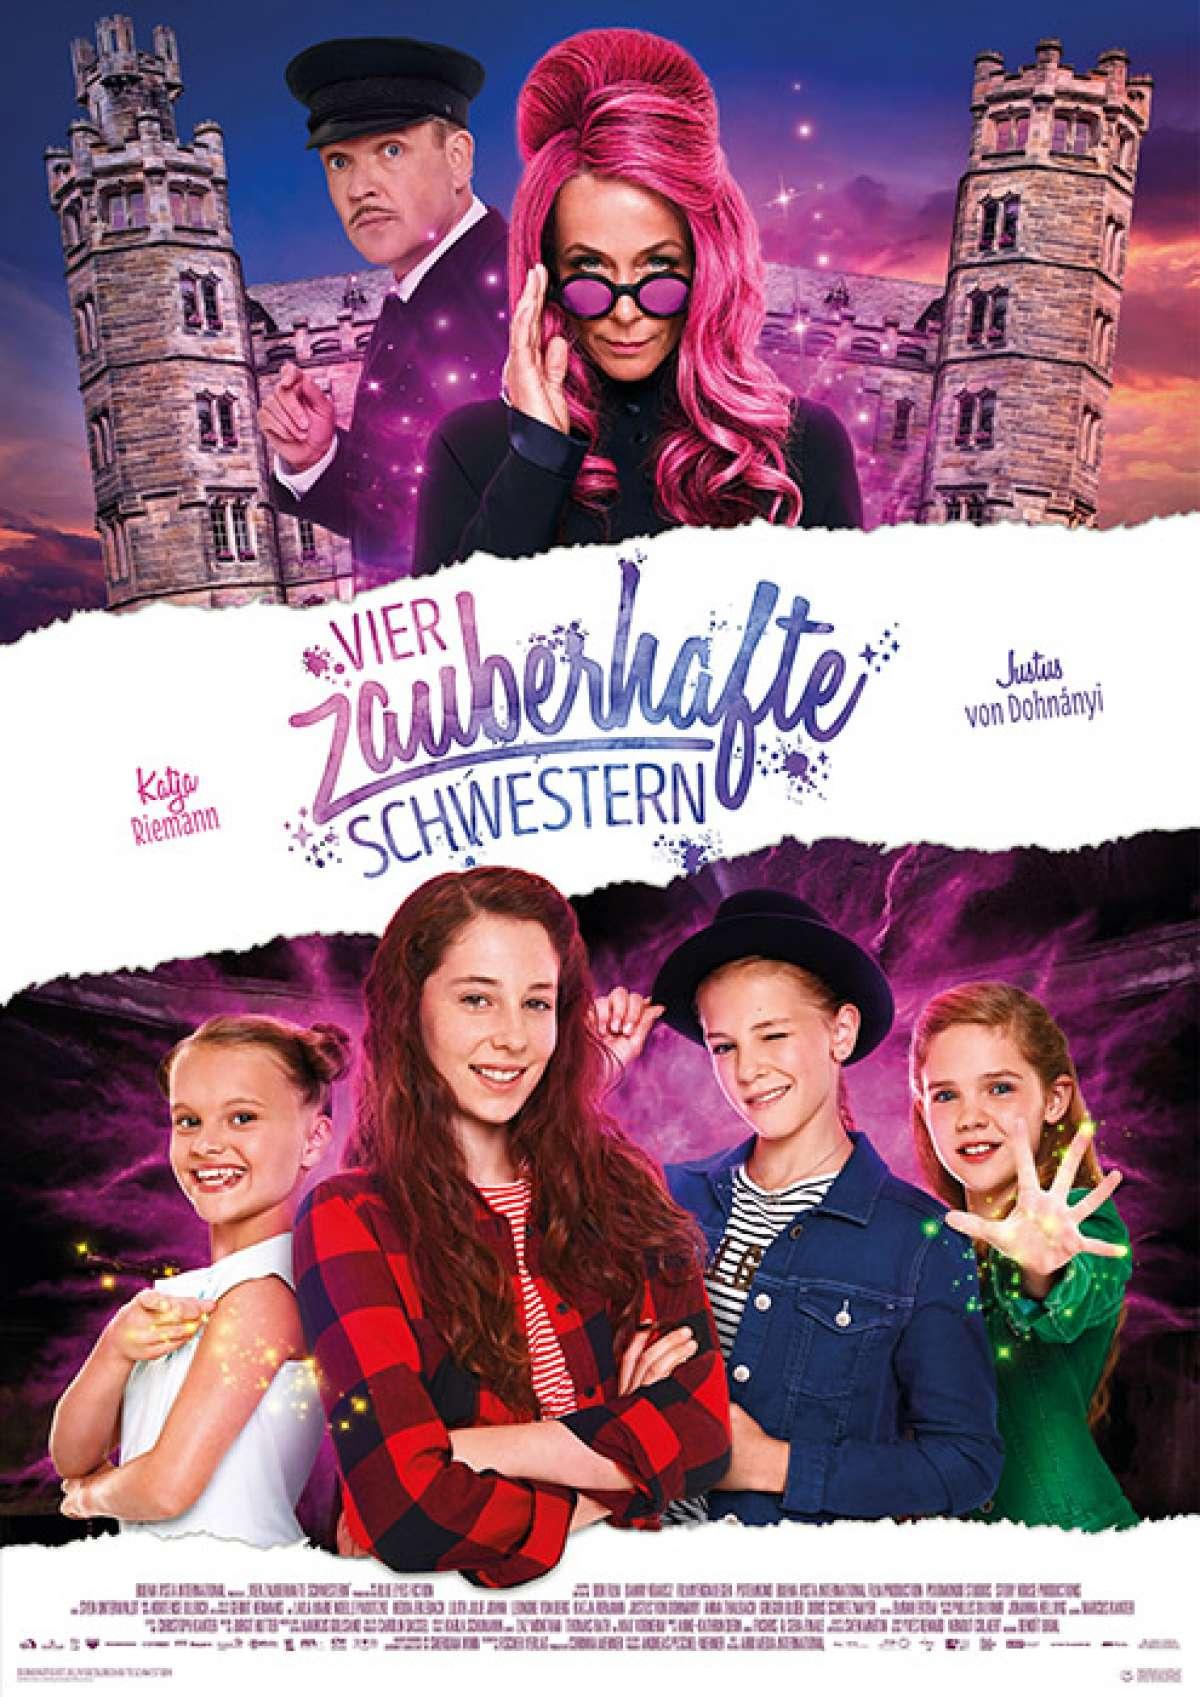 ABGESAGT  - Vier zauberhafte Schwestern - Kino  - Bad Driburg